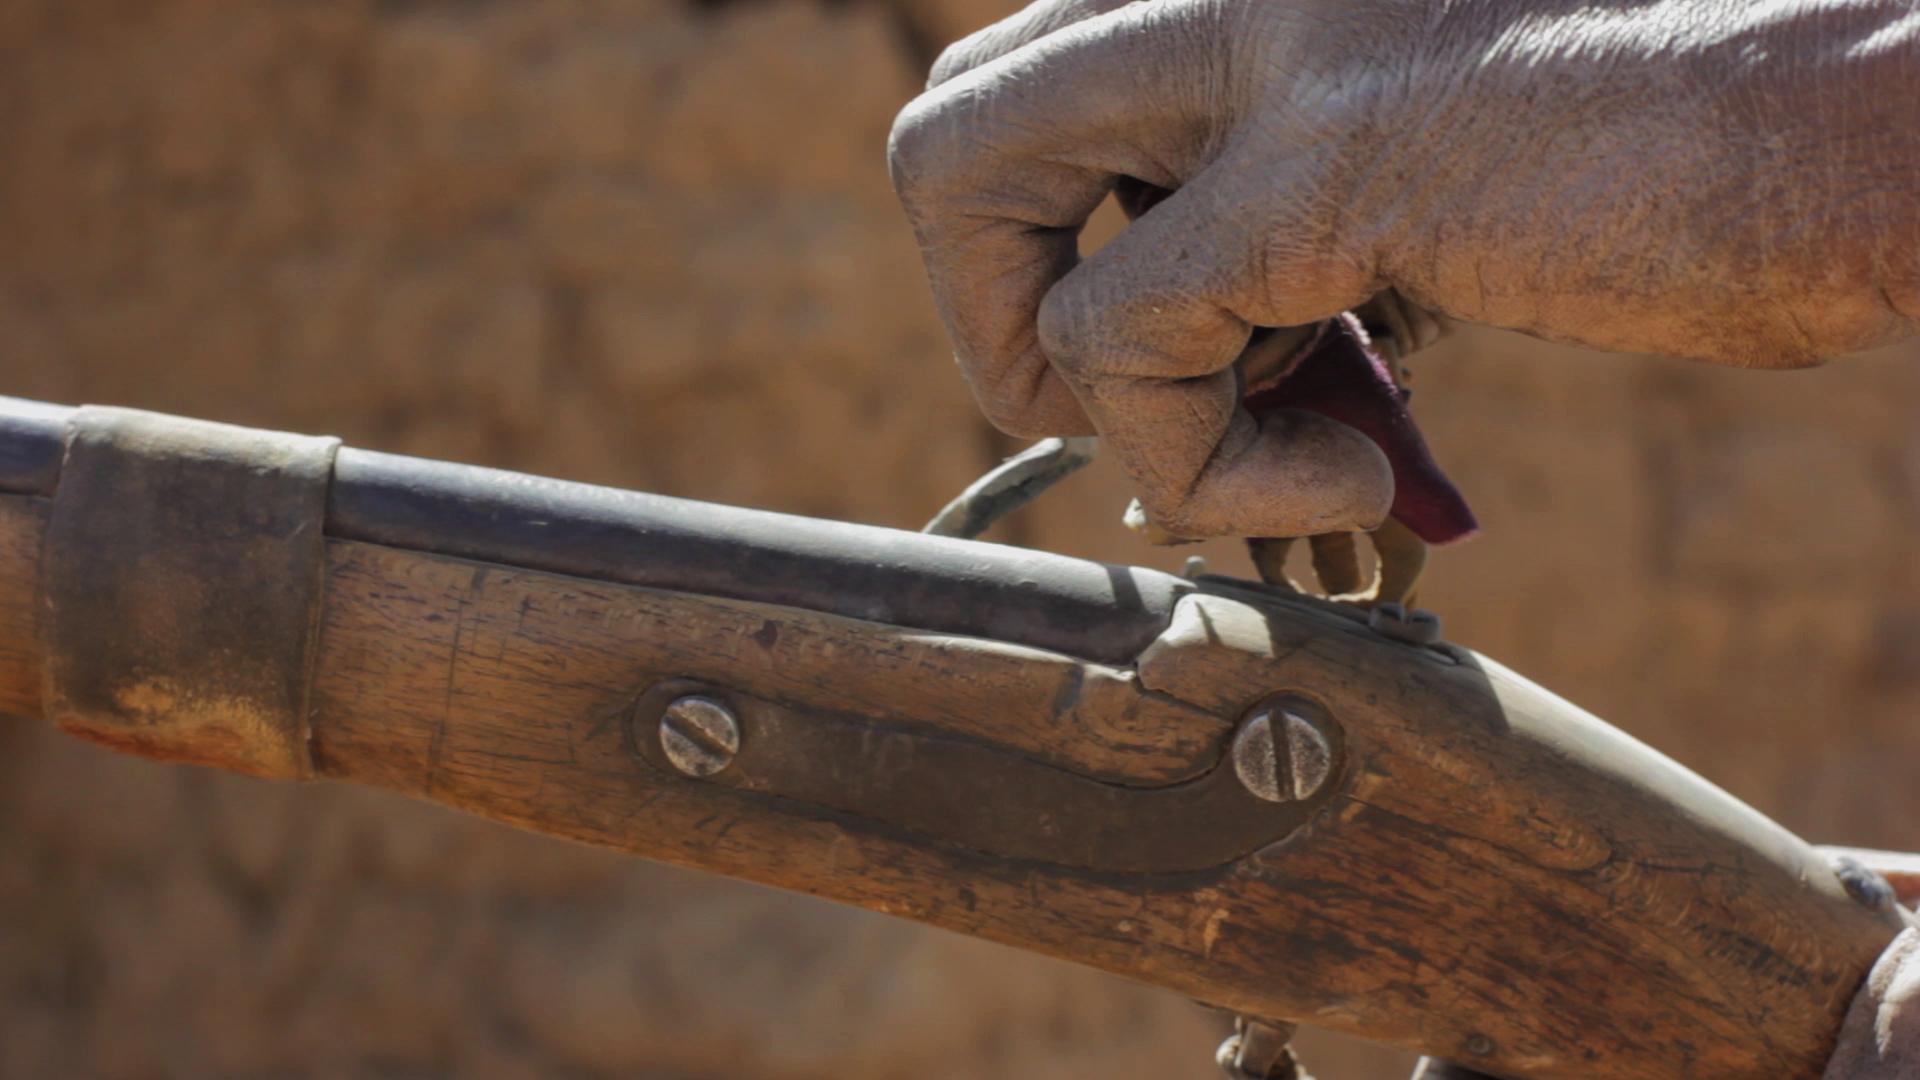 fusil cazador dogon pablocaminante - Malí 8, País Dogon V: moda, arte y religión